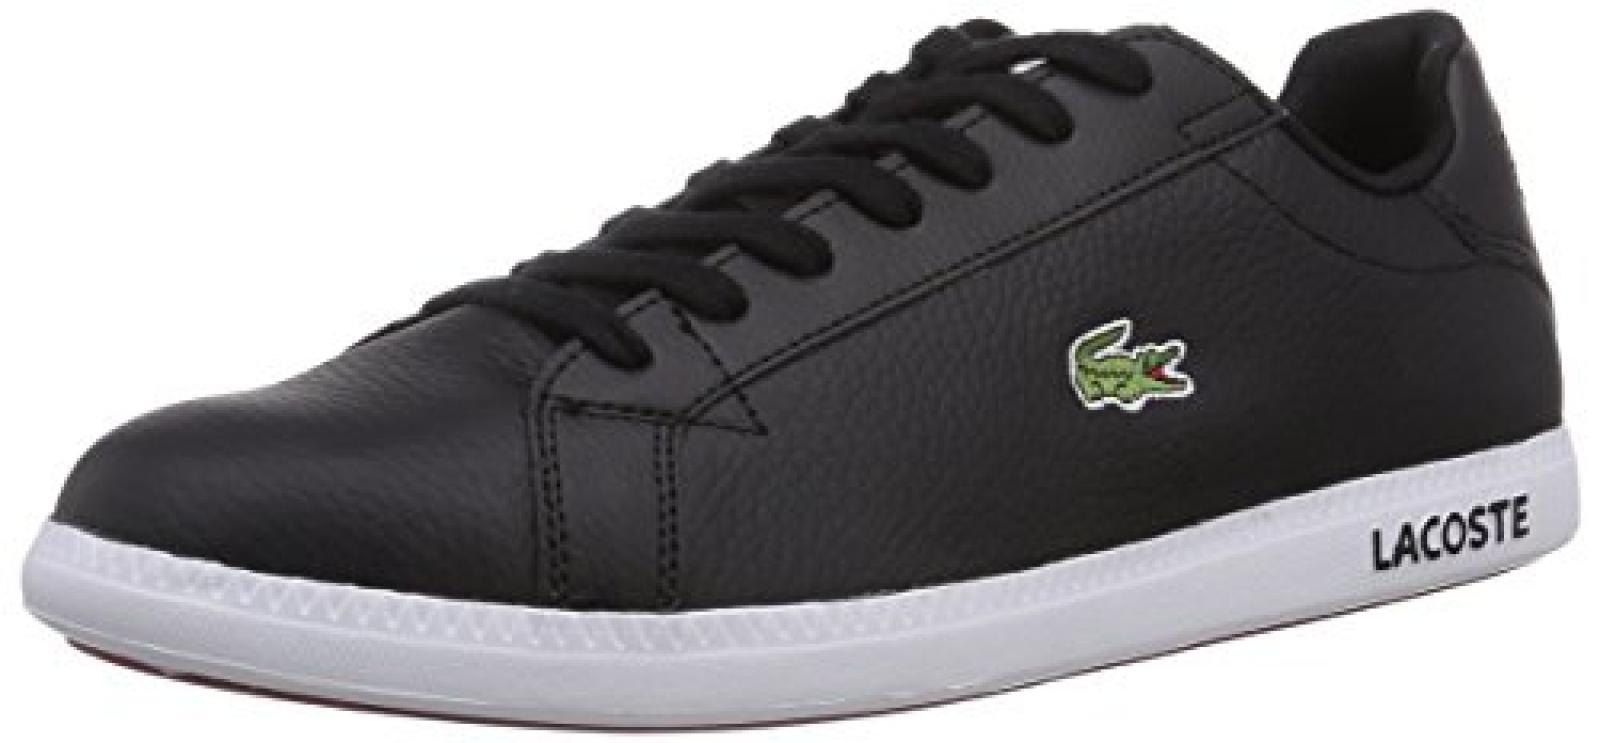 Lacoste GRADUATE LCR Herren Sneakers